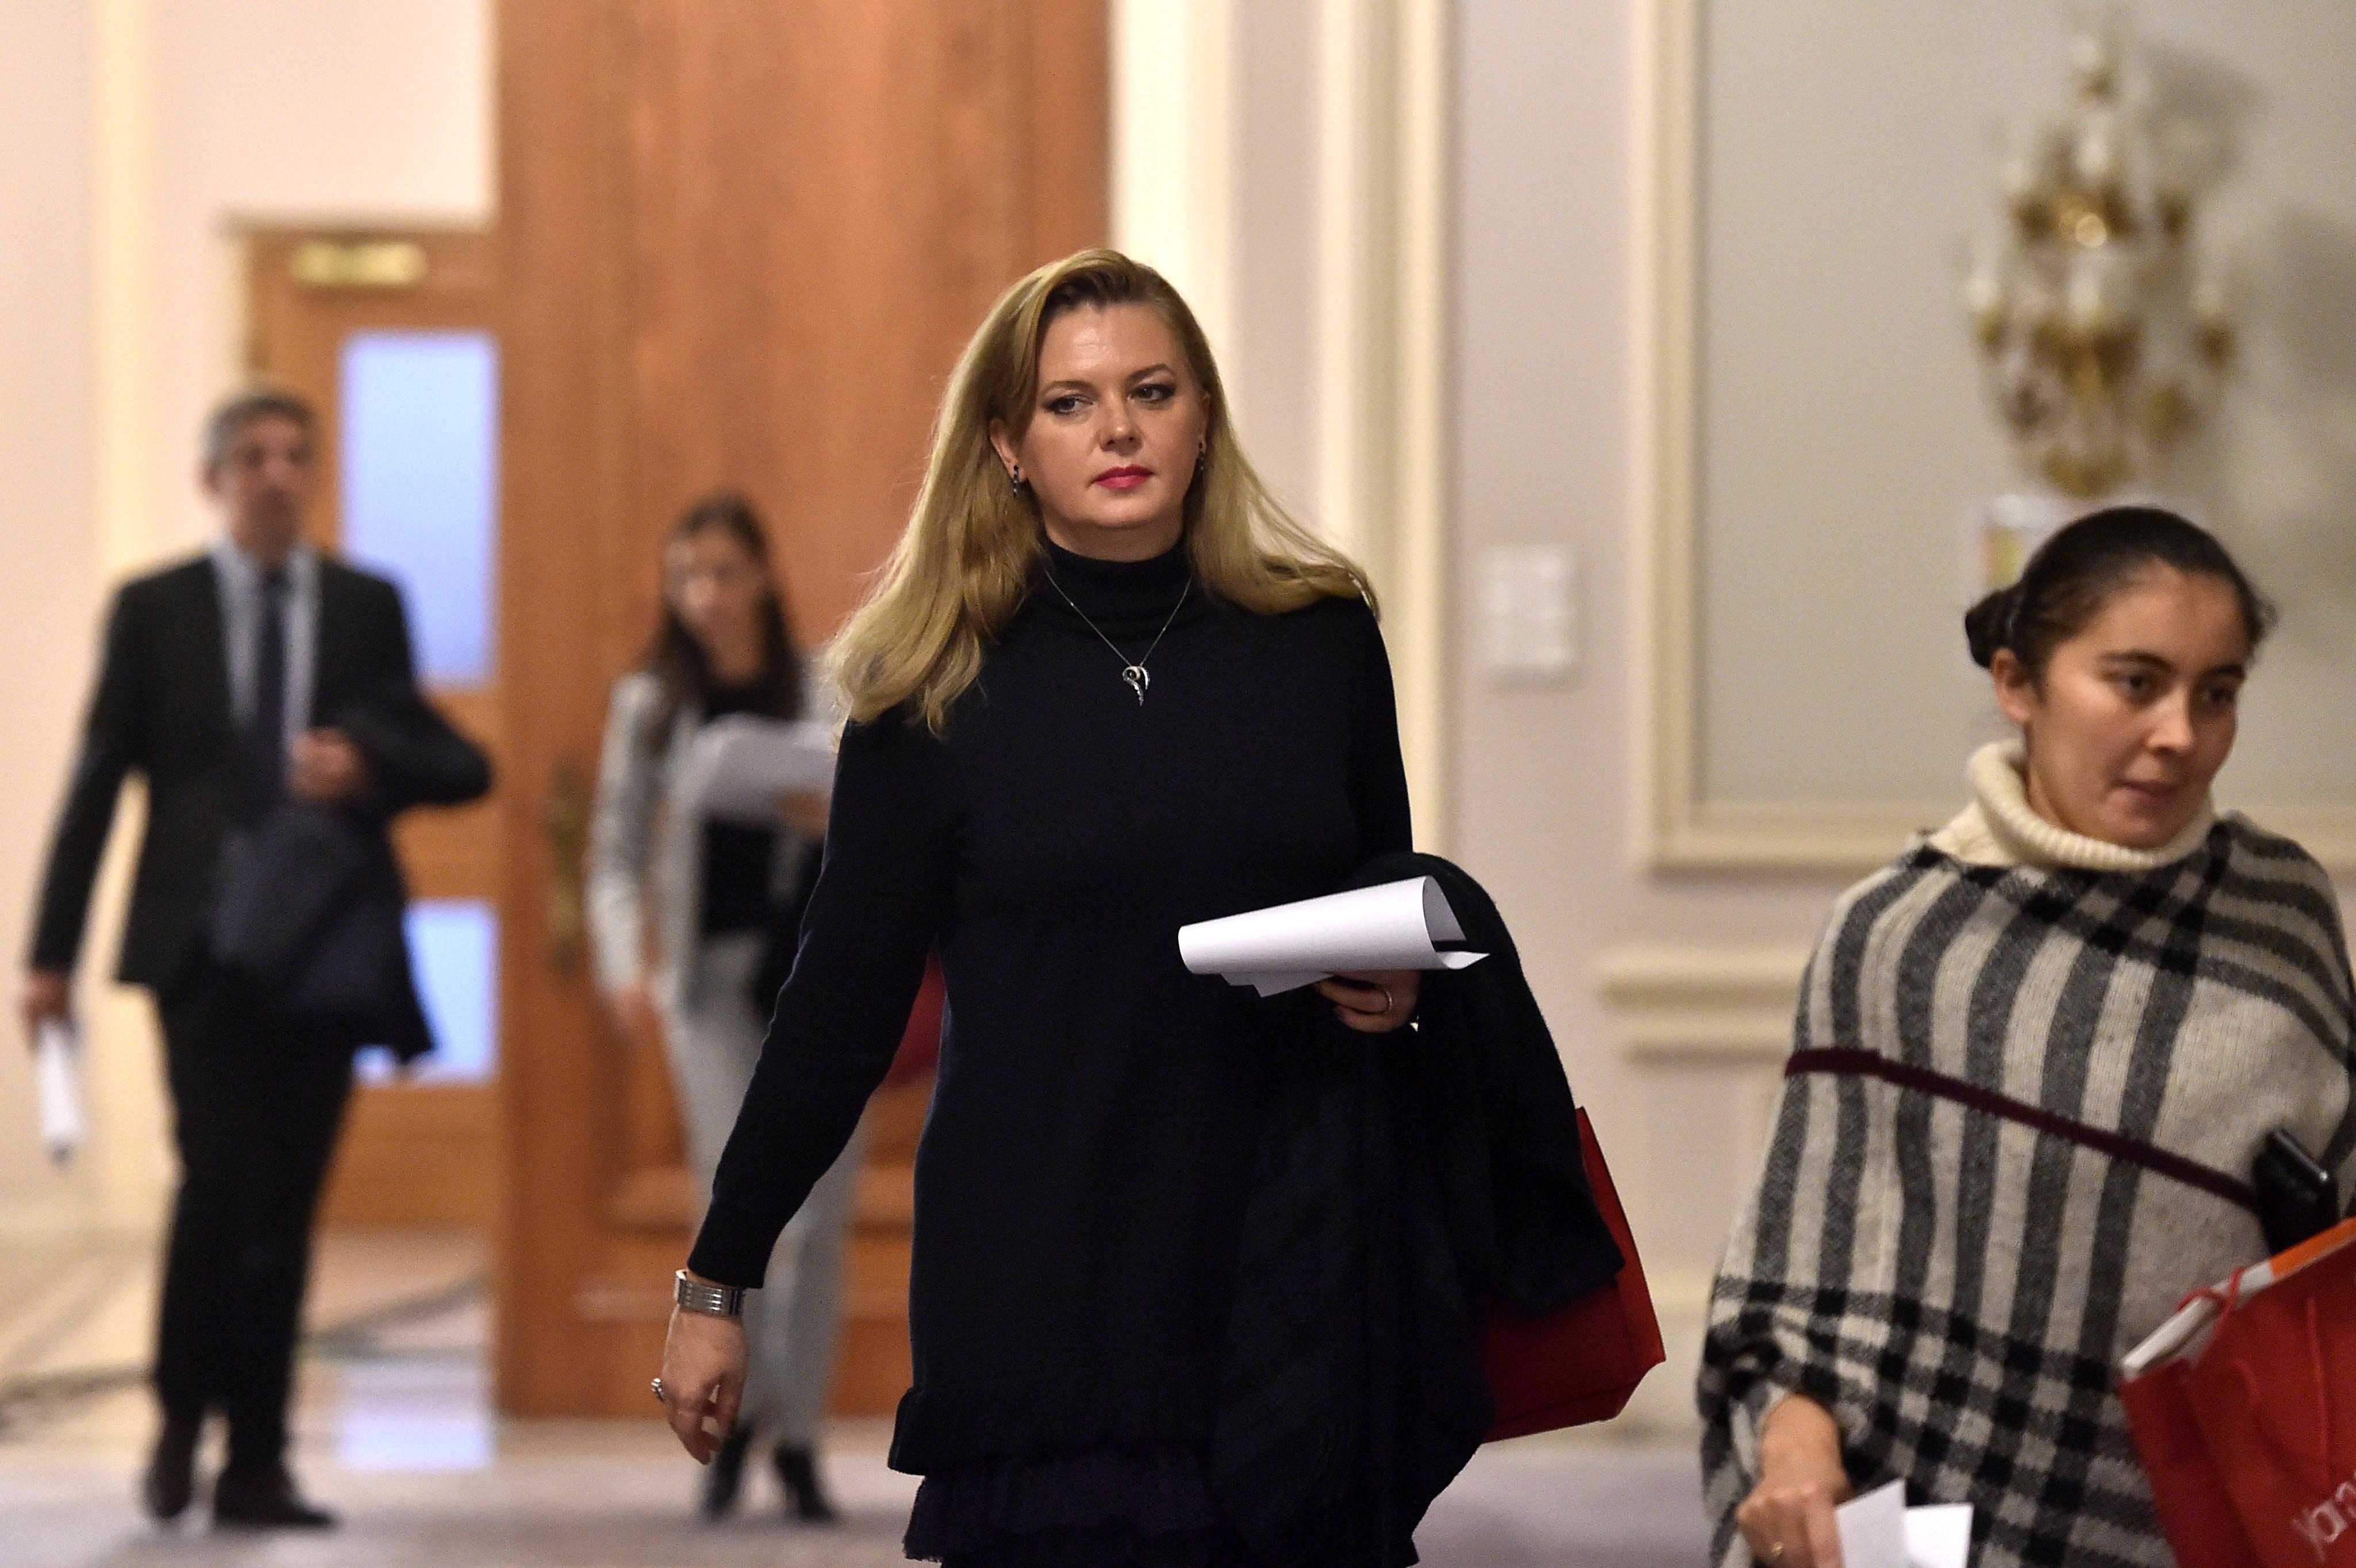 Deputatul PNL Roberta Anastase a fost audiată la DNA în calitate de martor